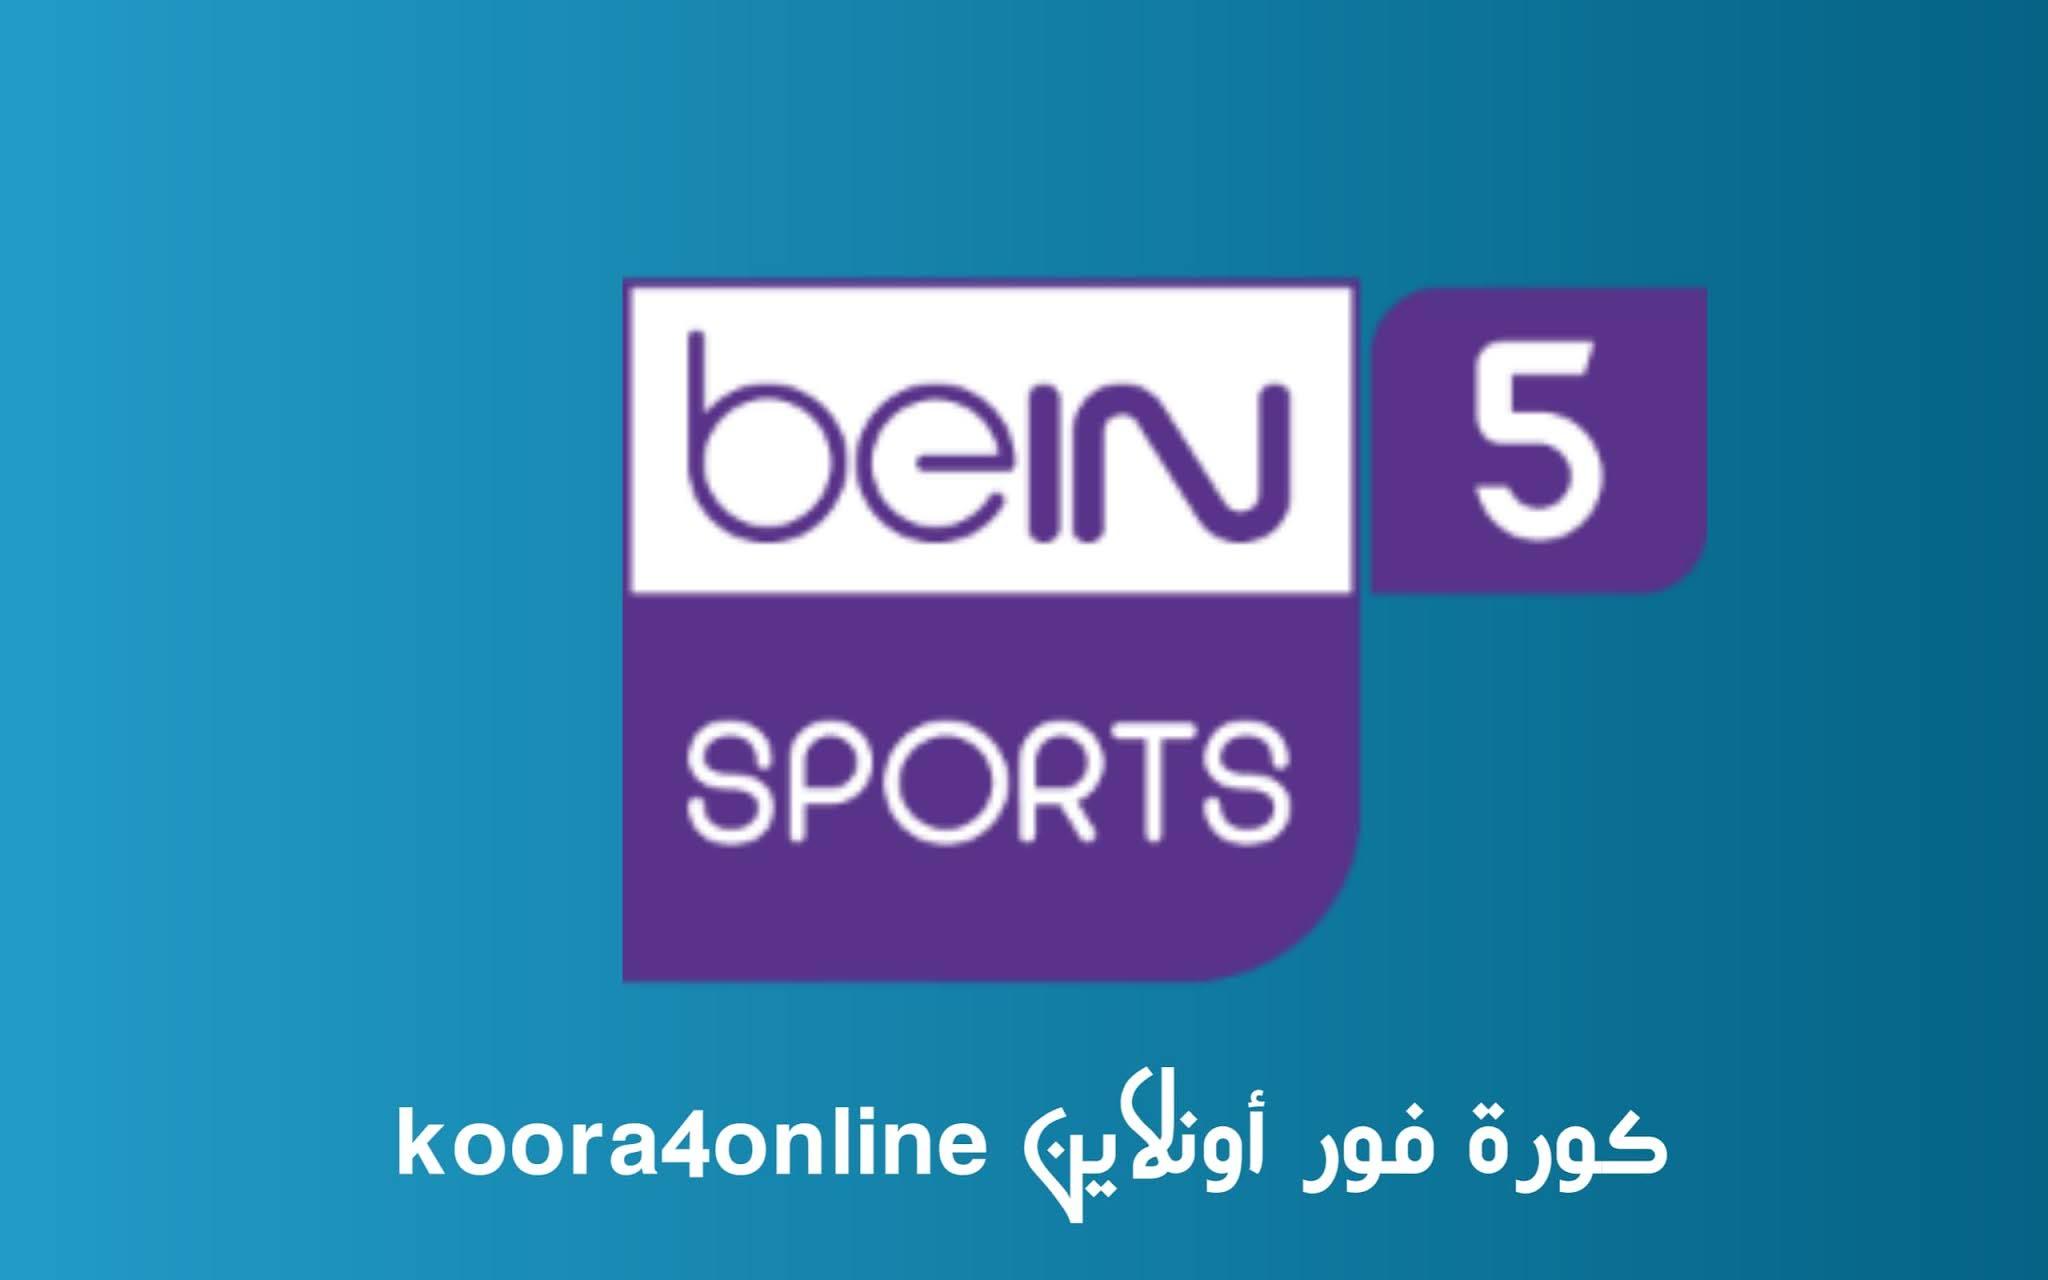 مشاهدة قناة بي إن سبورت  5 -bein sports 5hd - كورة فور أونلاين